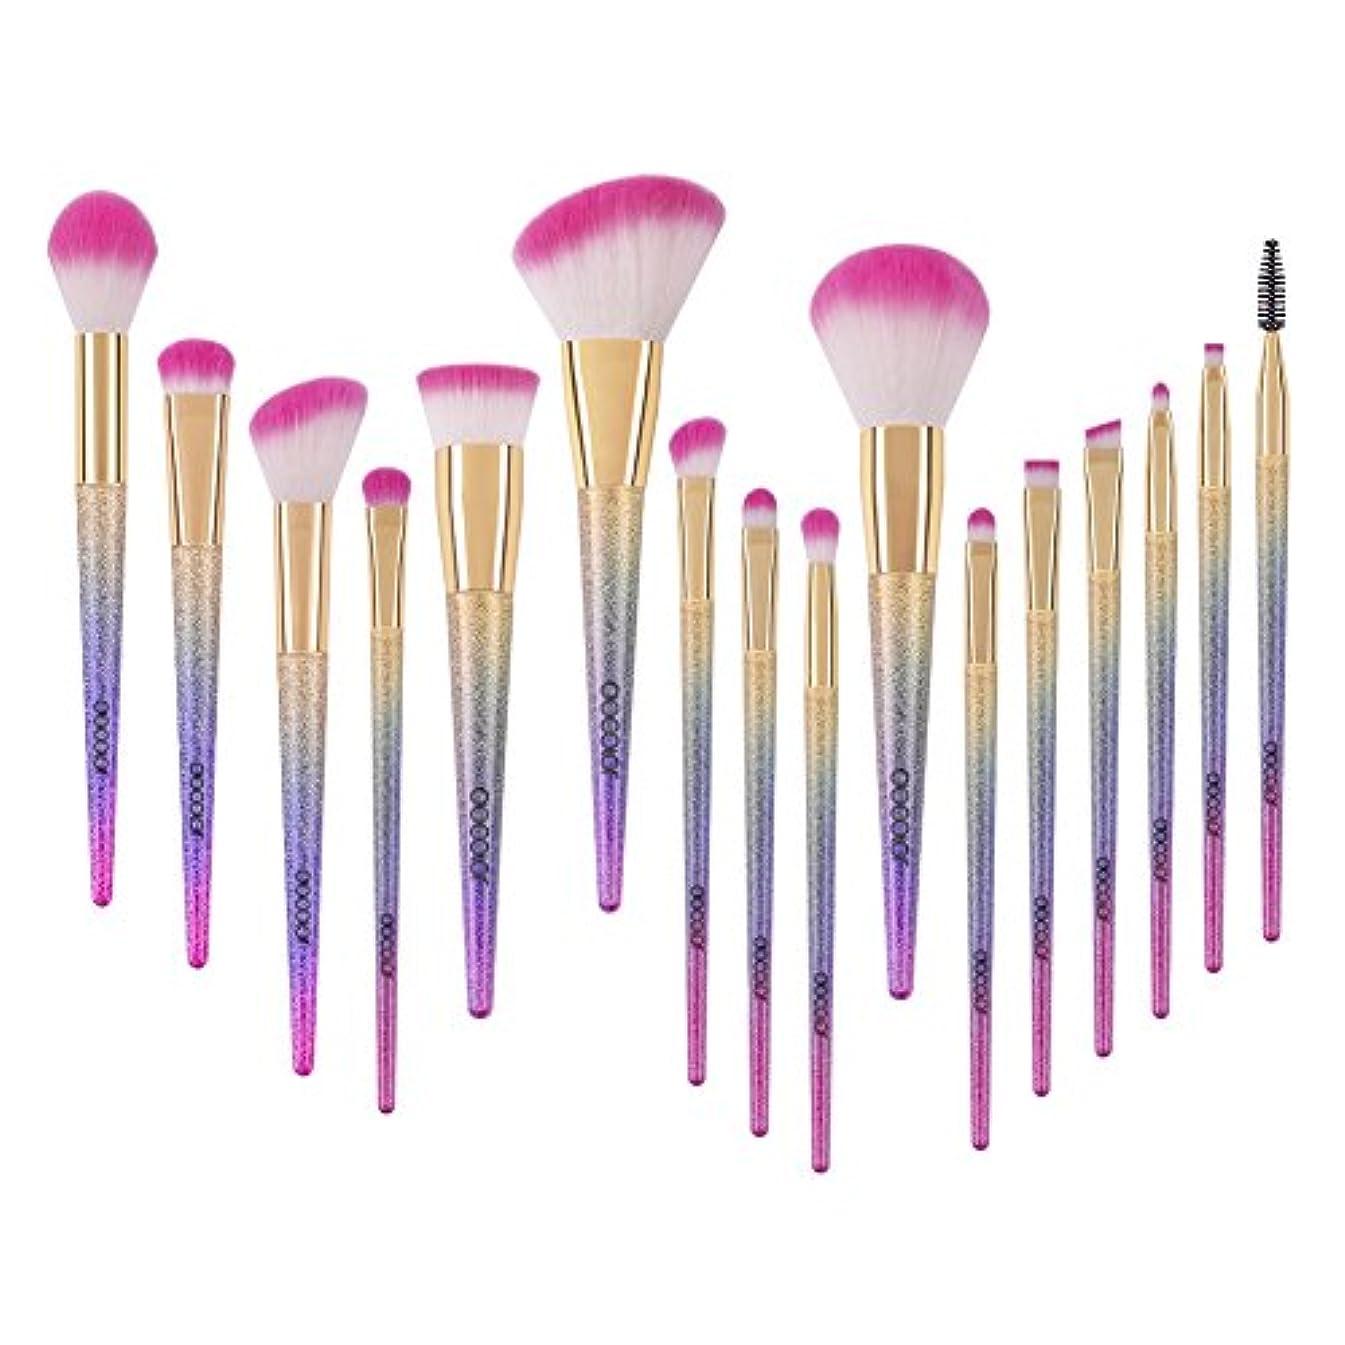 縫うドリル世紀Docolor ドゥカラー 化粧筆 メイクブラシ 16本セット 欧米で大ブーム中のレインボーブラシ